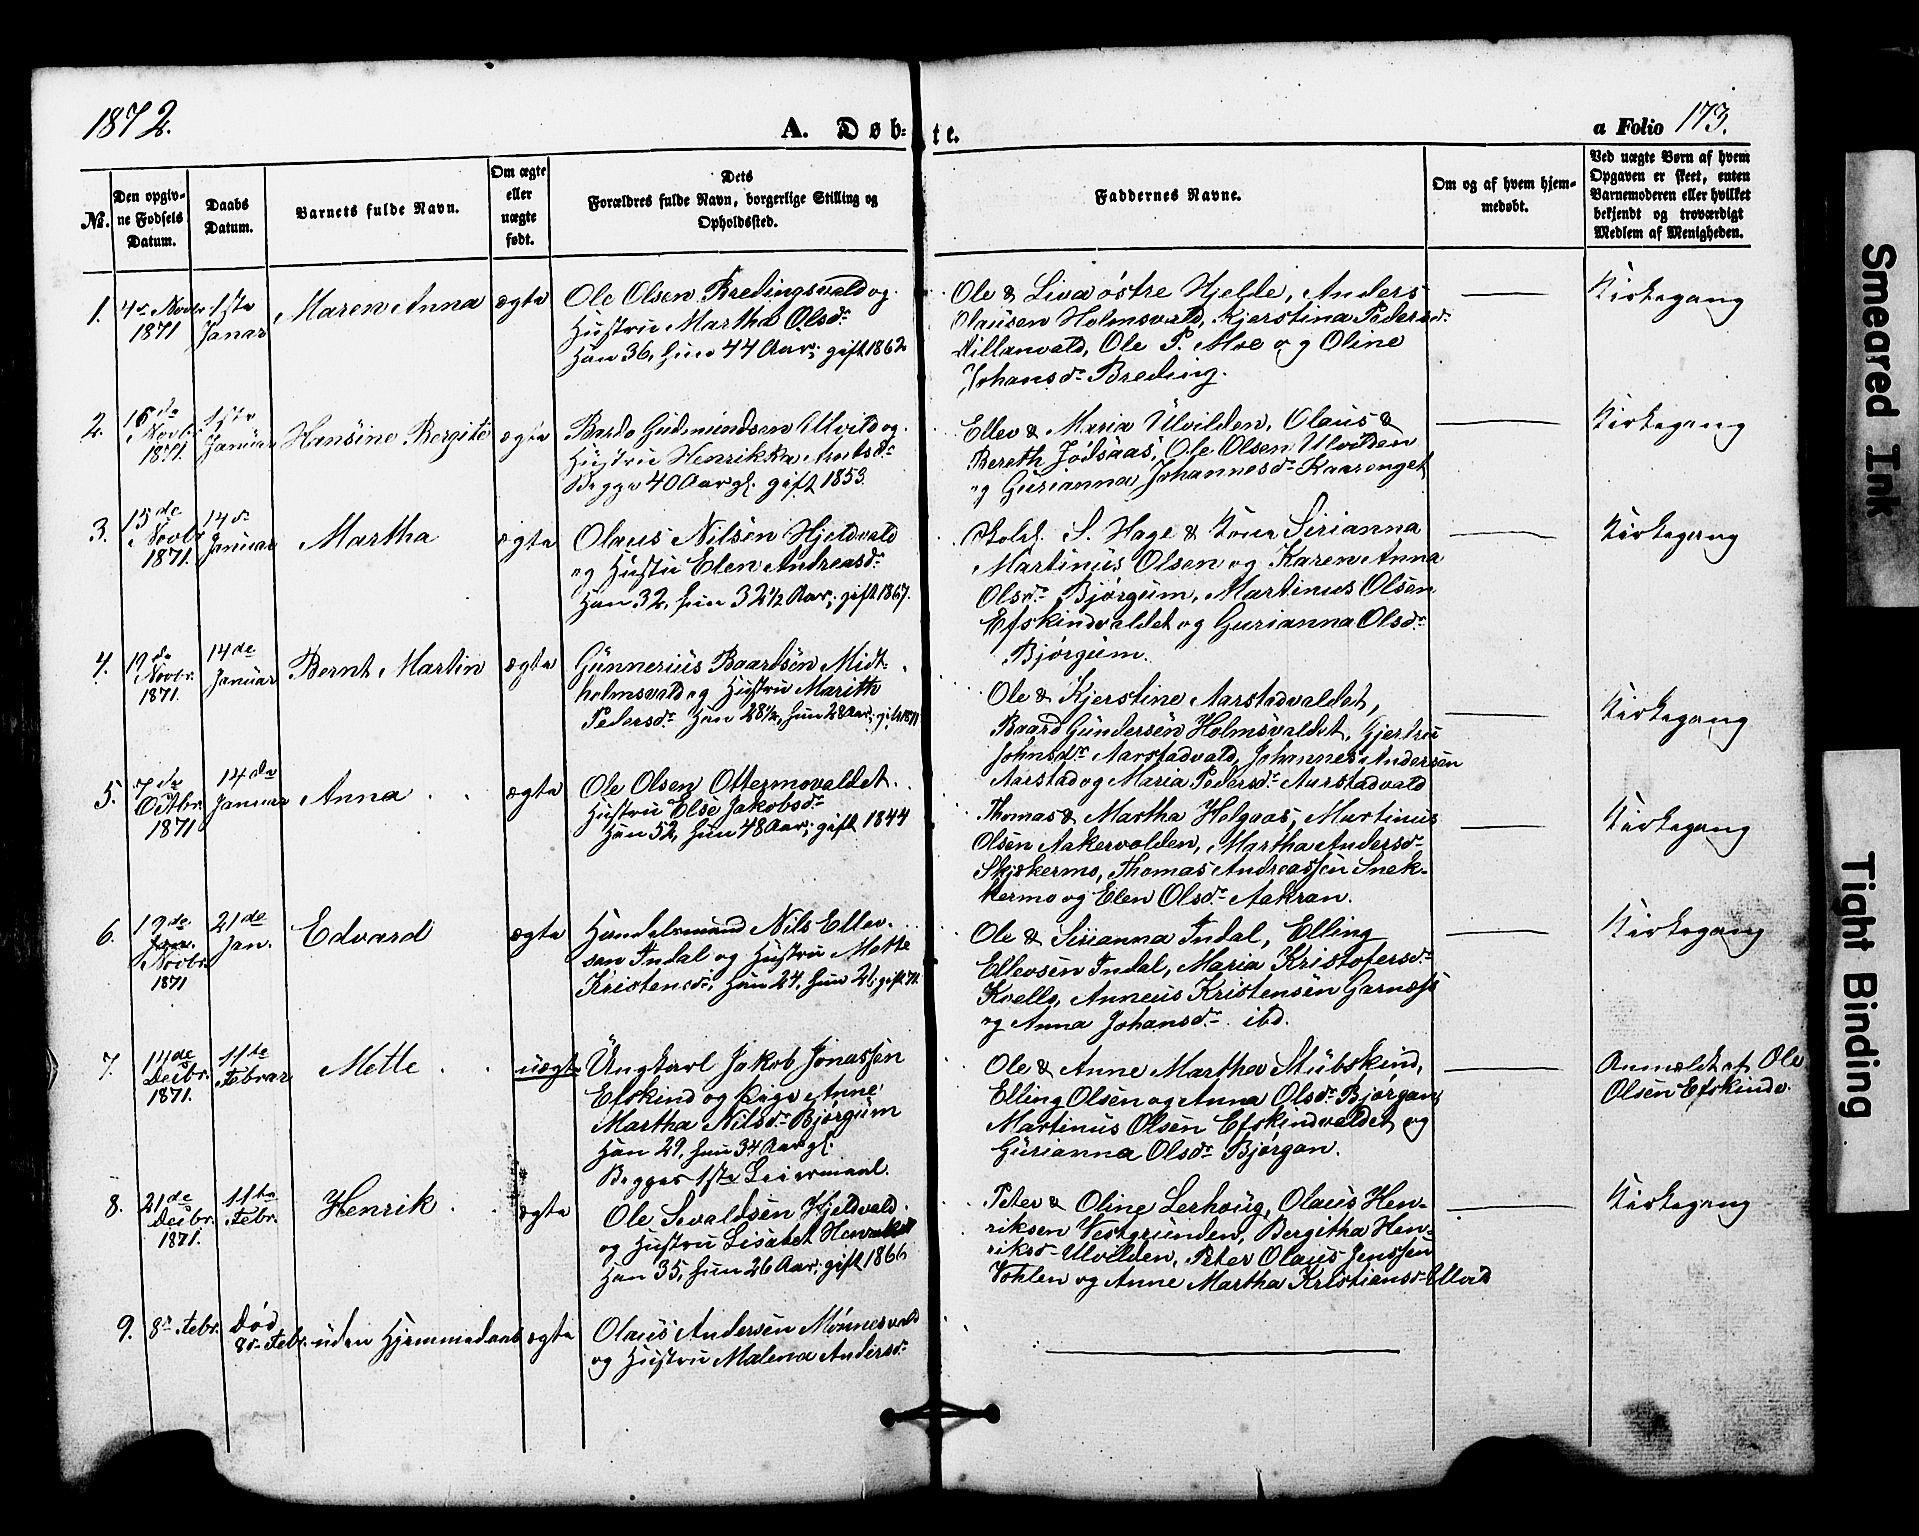 SAT, Ministerialprotokoller, klokkerbøker og fødselsregistre - Nord-Trøndelag, 724/L0268: Klokkerbok nr. 724C04, 1846-1878, s. 173